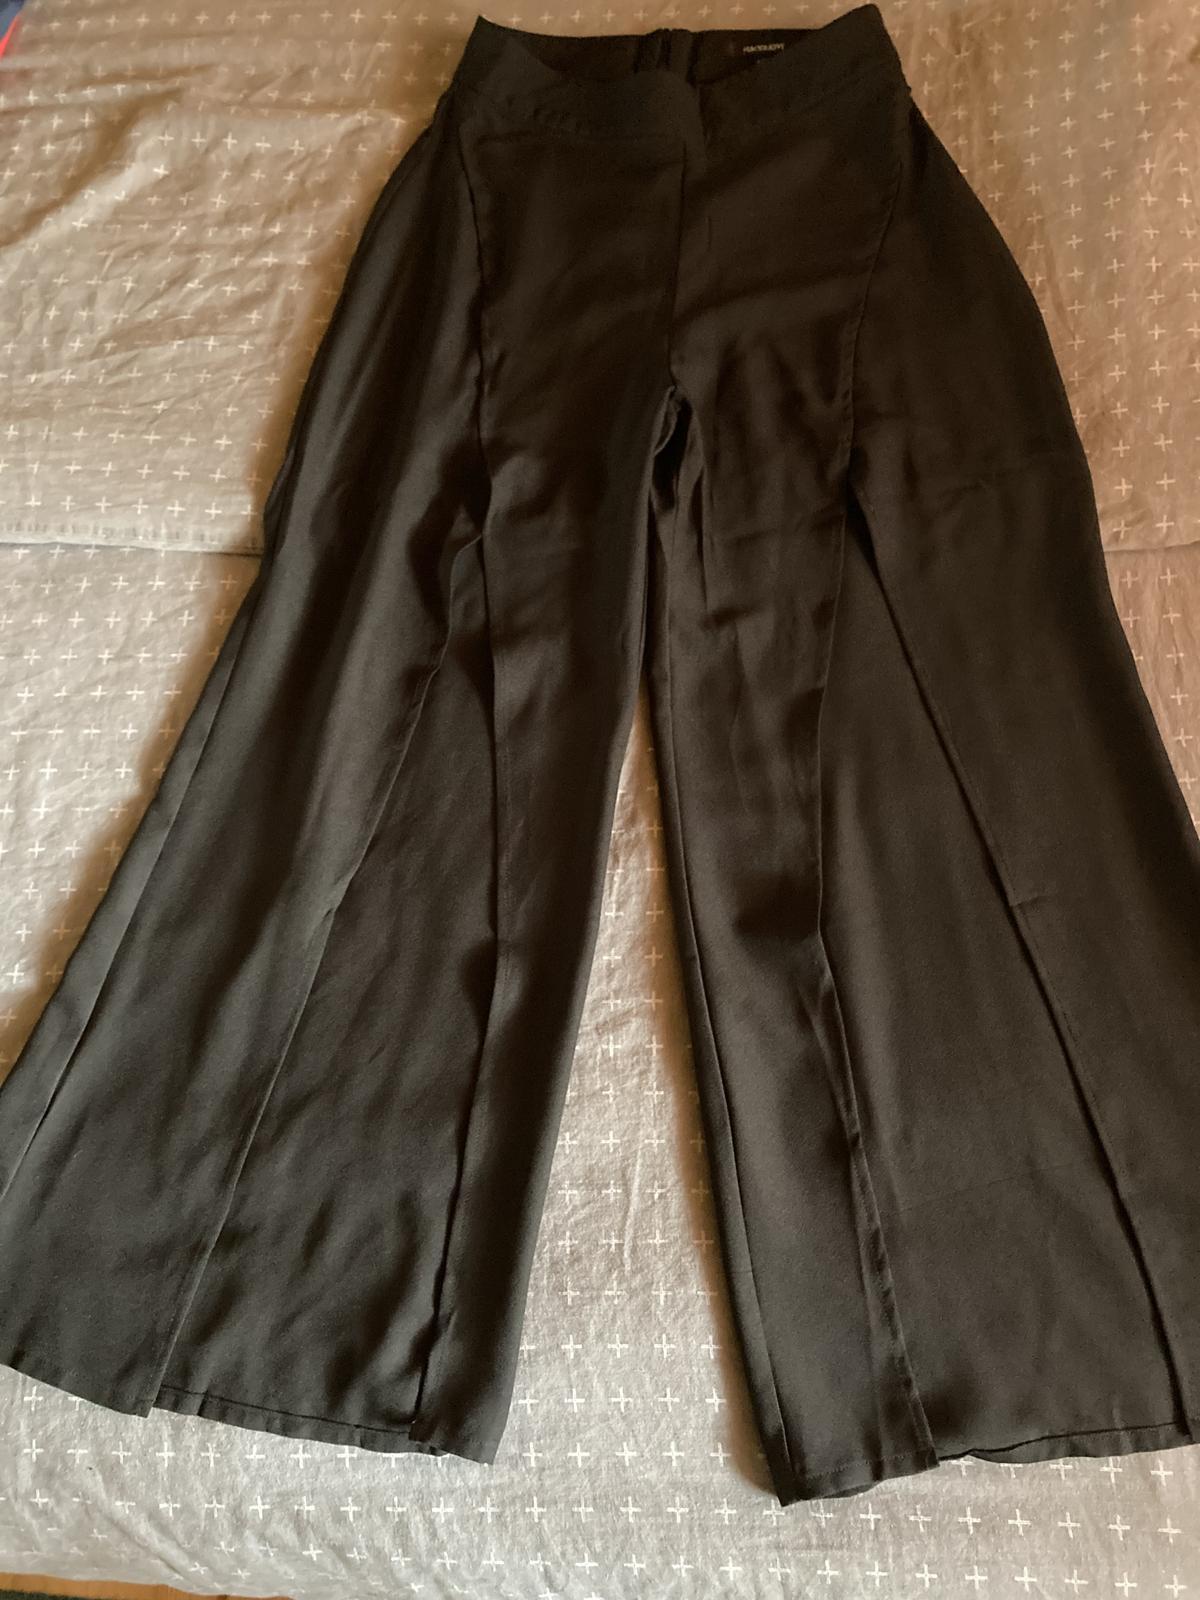 nohavice s vysokými rozparkami - Obrázok č. 1